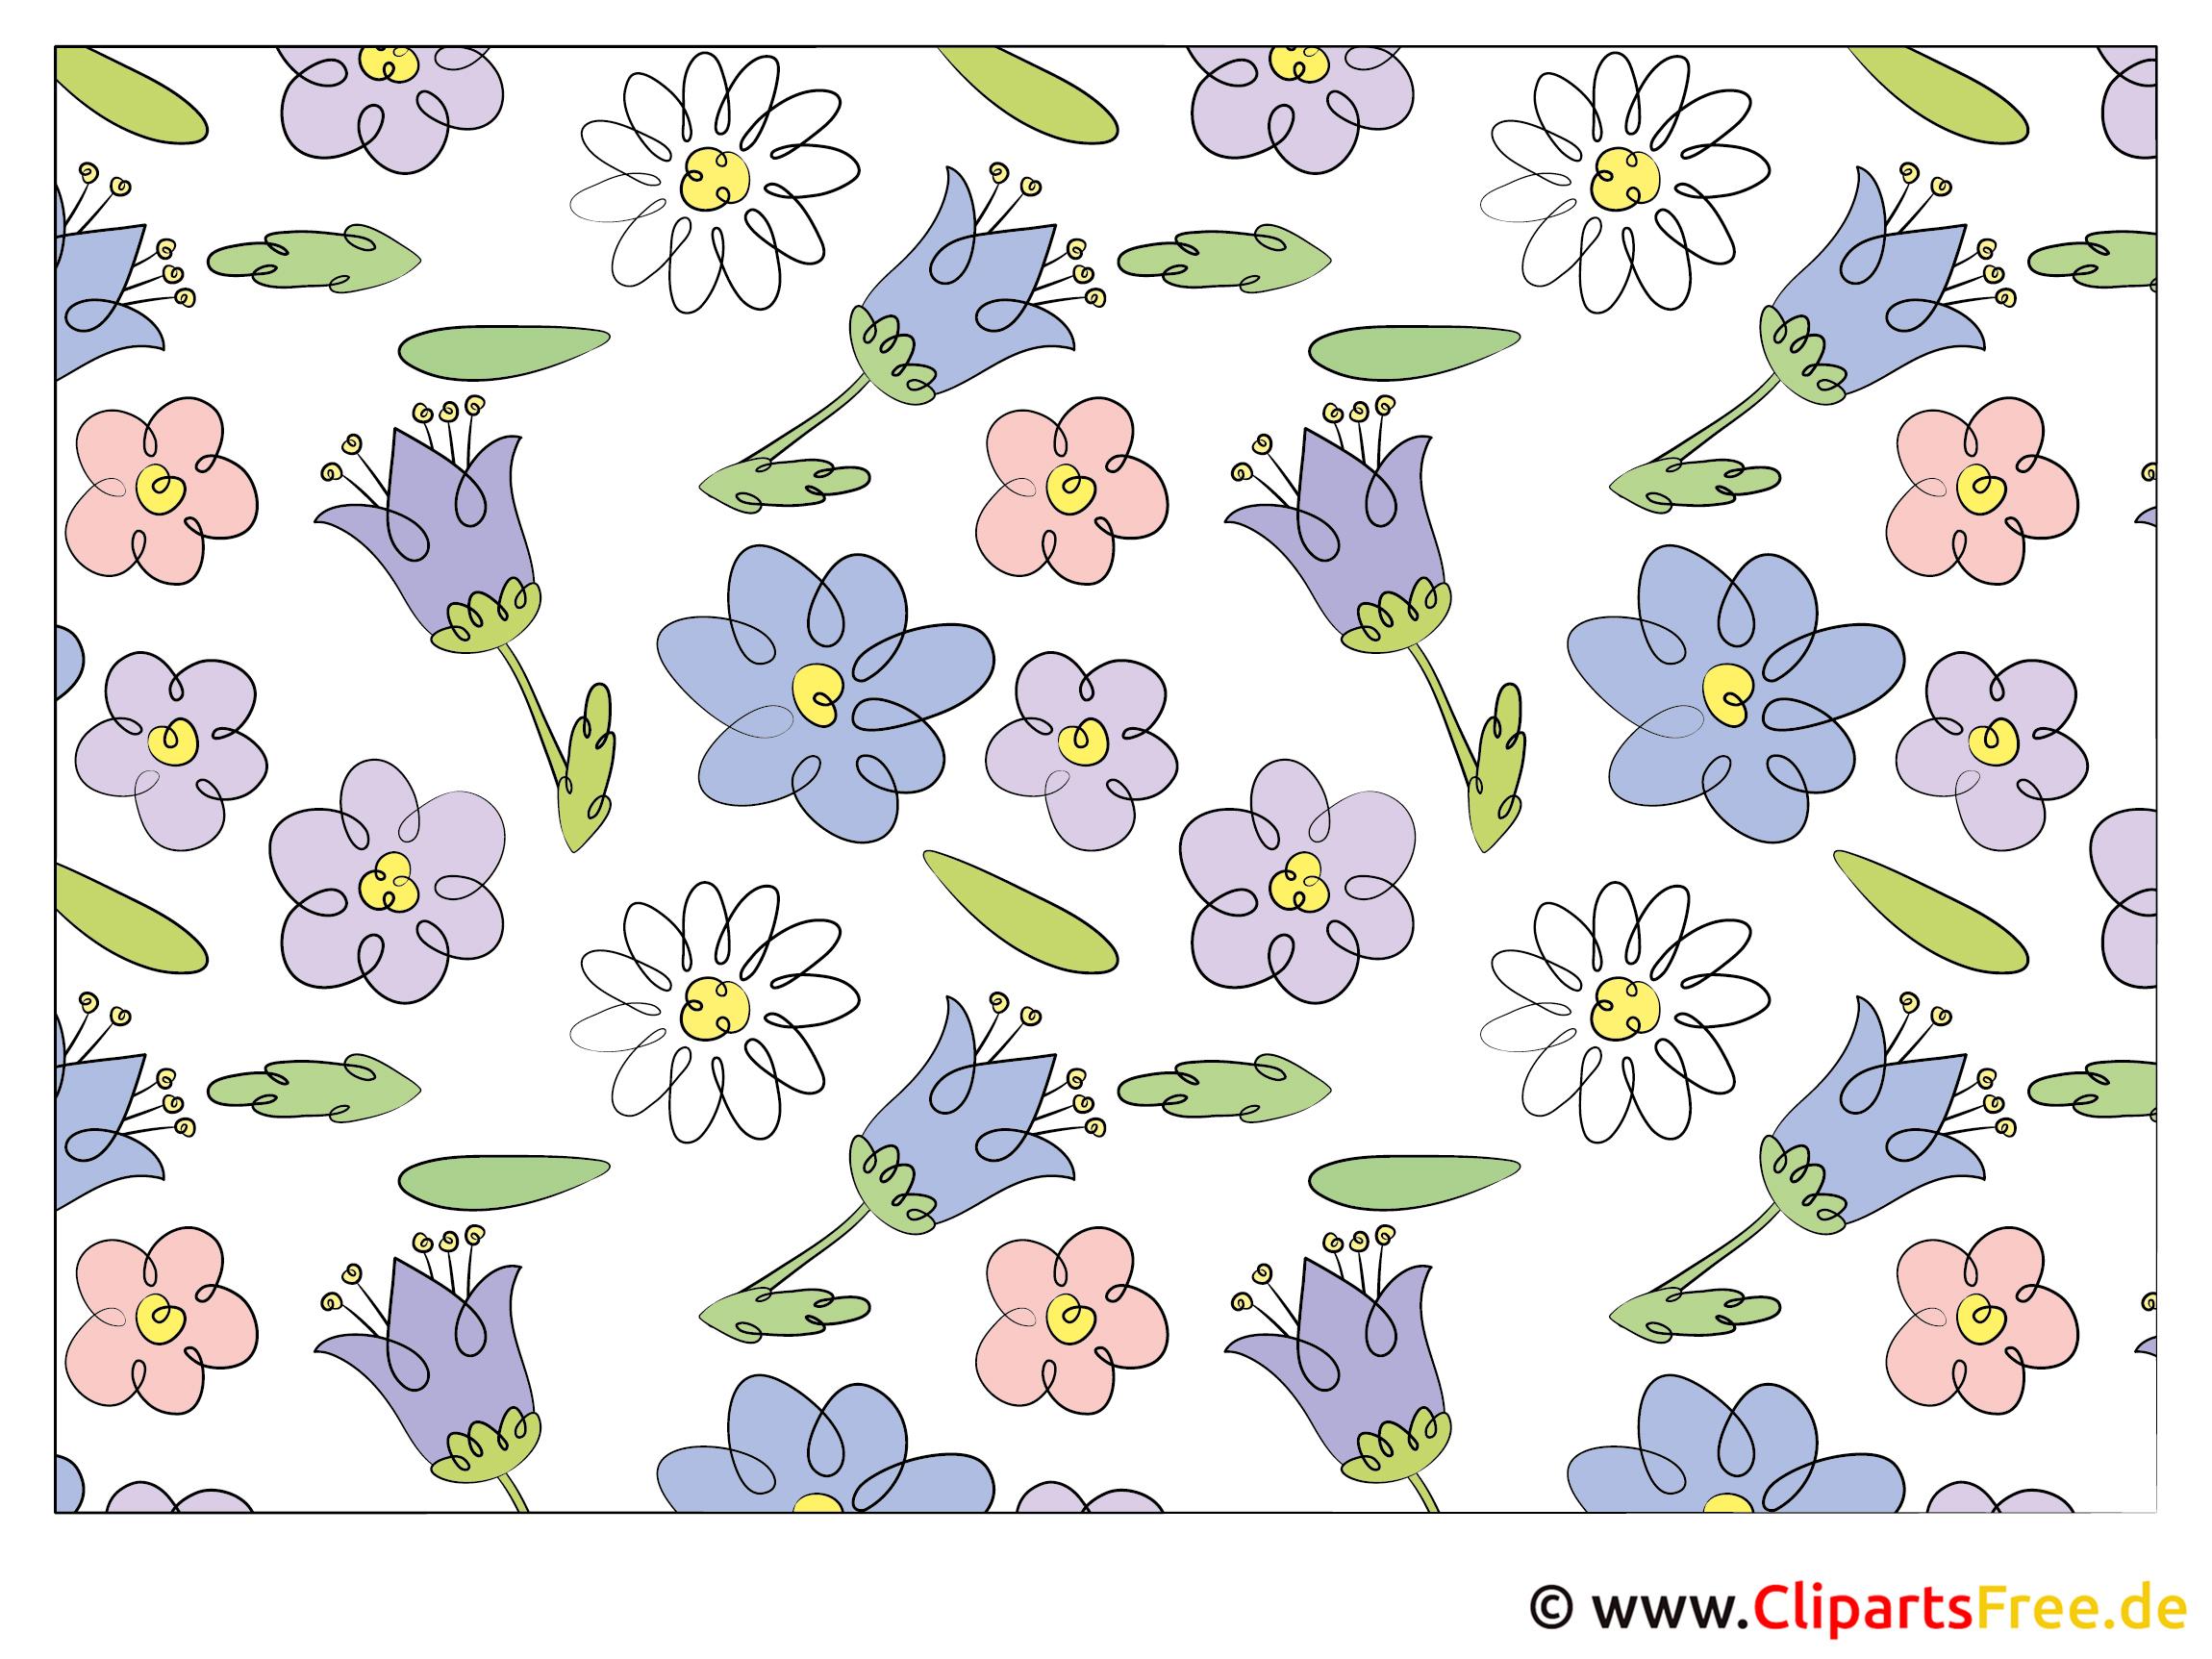 Desktophintergrund mit Blumen